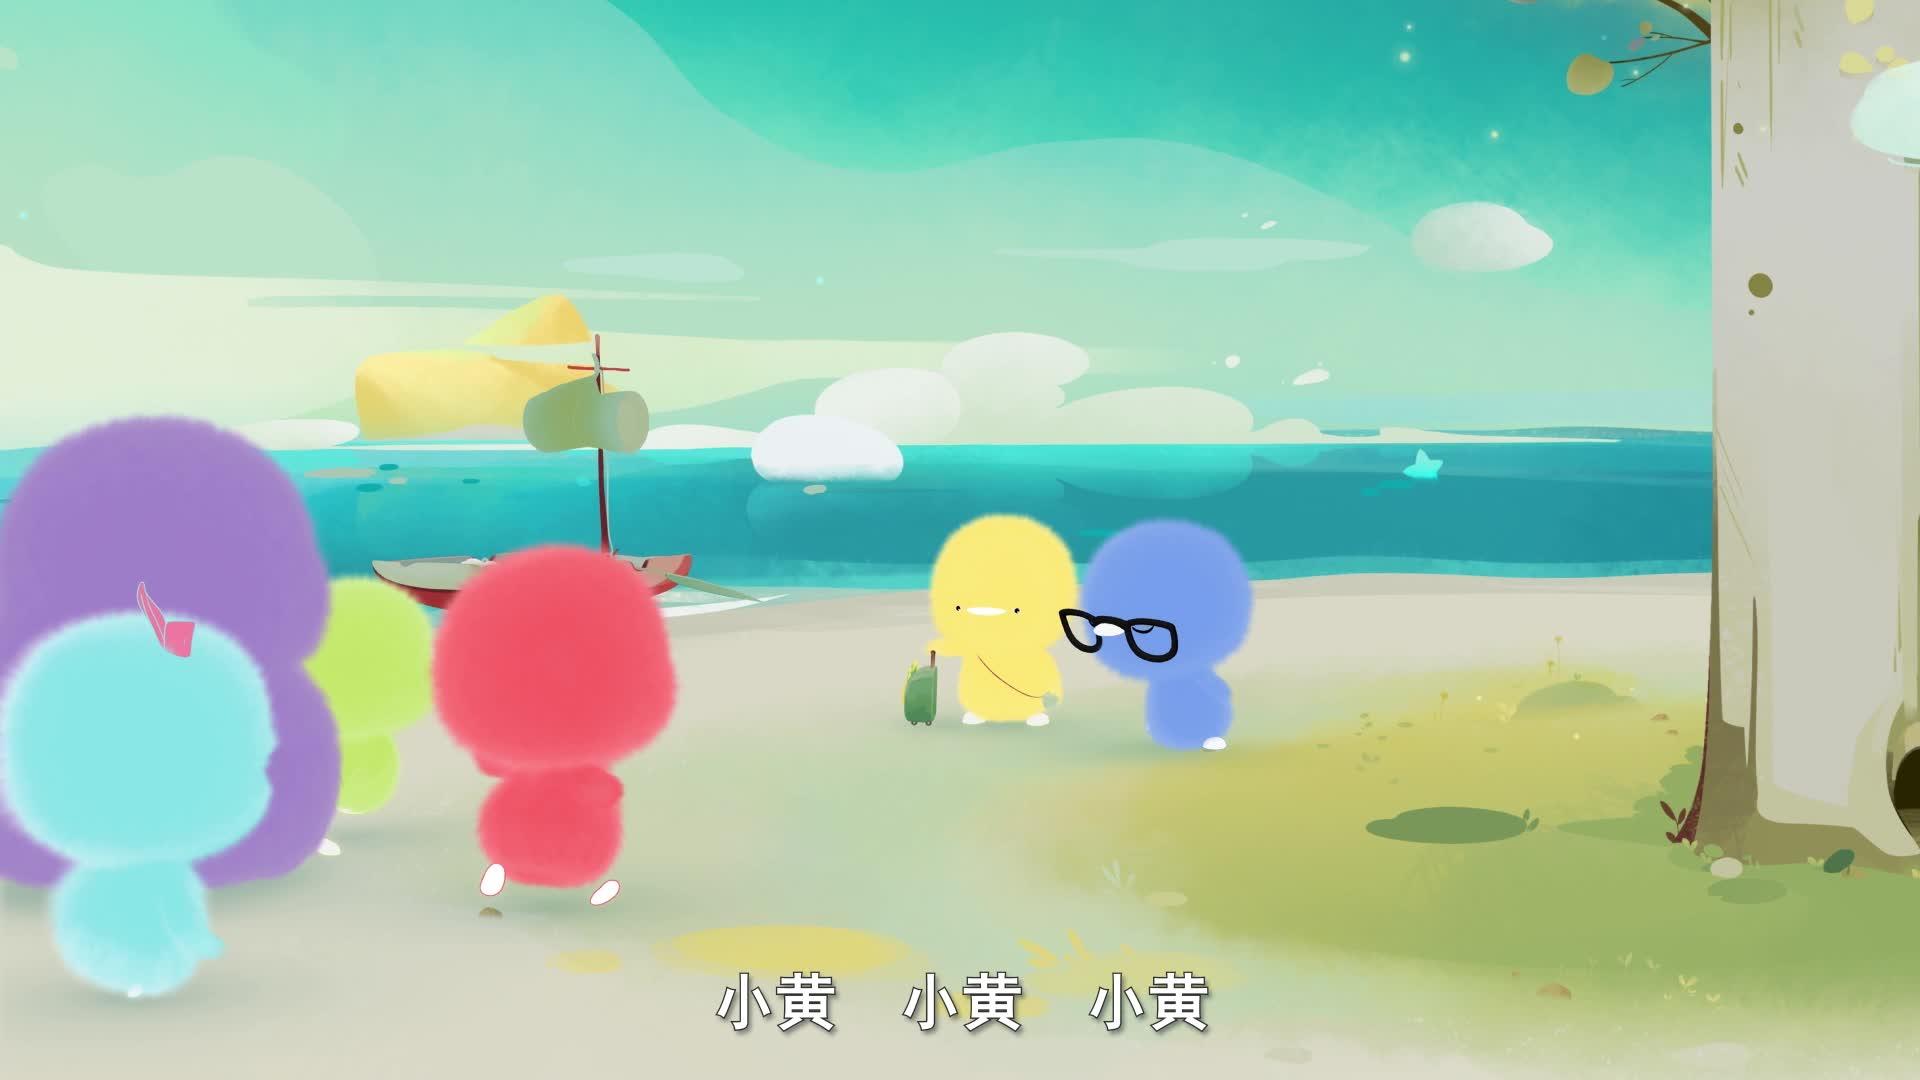 《小鸡彩虹》 第六季 09好想你